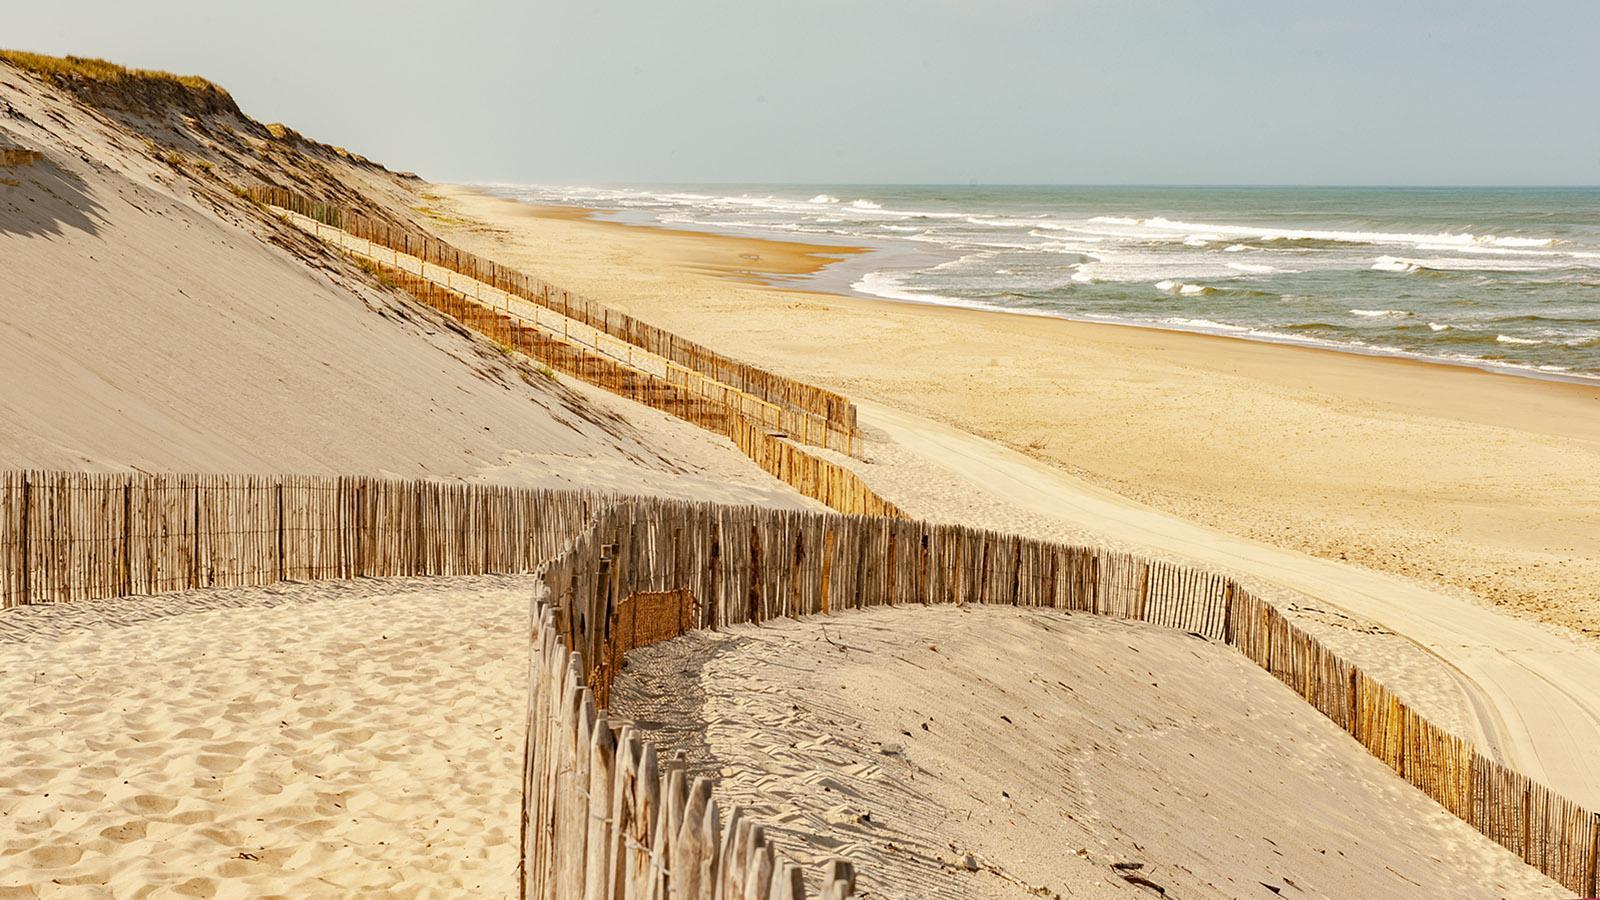 Im Südwesten endet die Diagonale du Vide am Atlantik - wie hier am Strand von Hourtin. Foto: Hilke Maunder